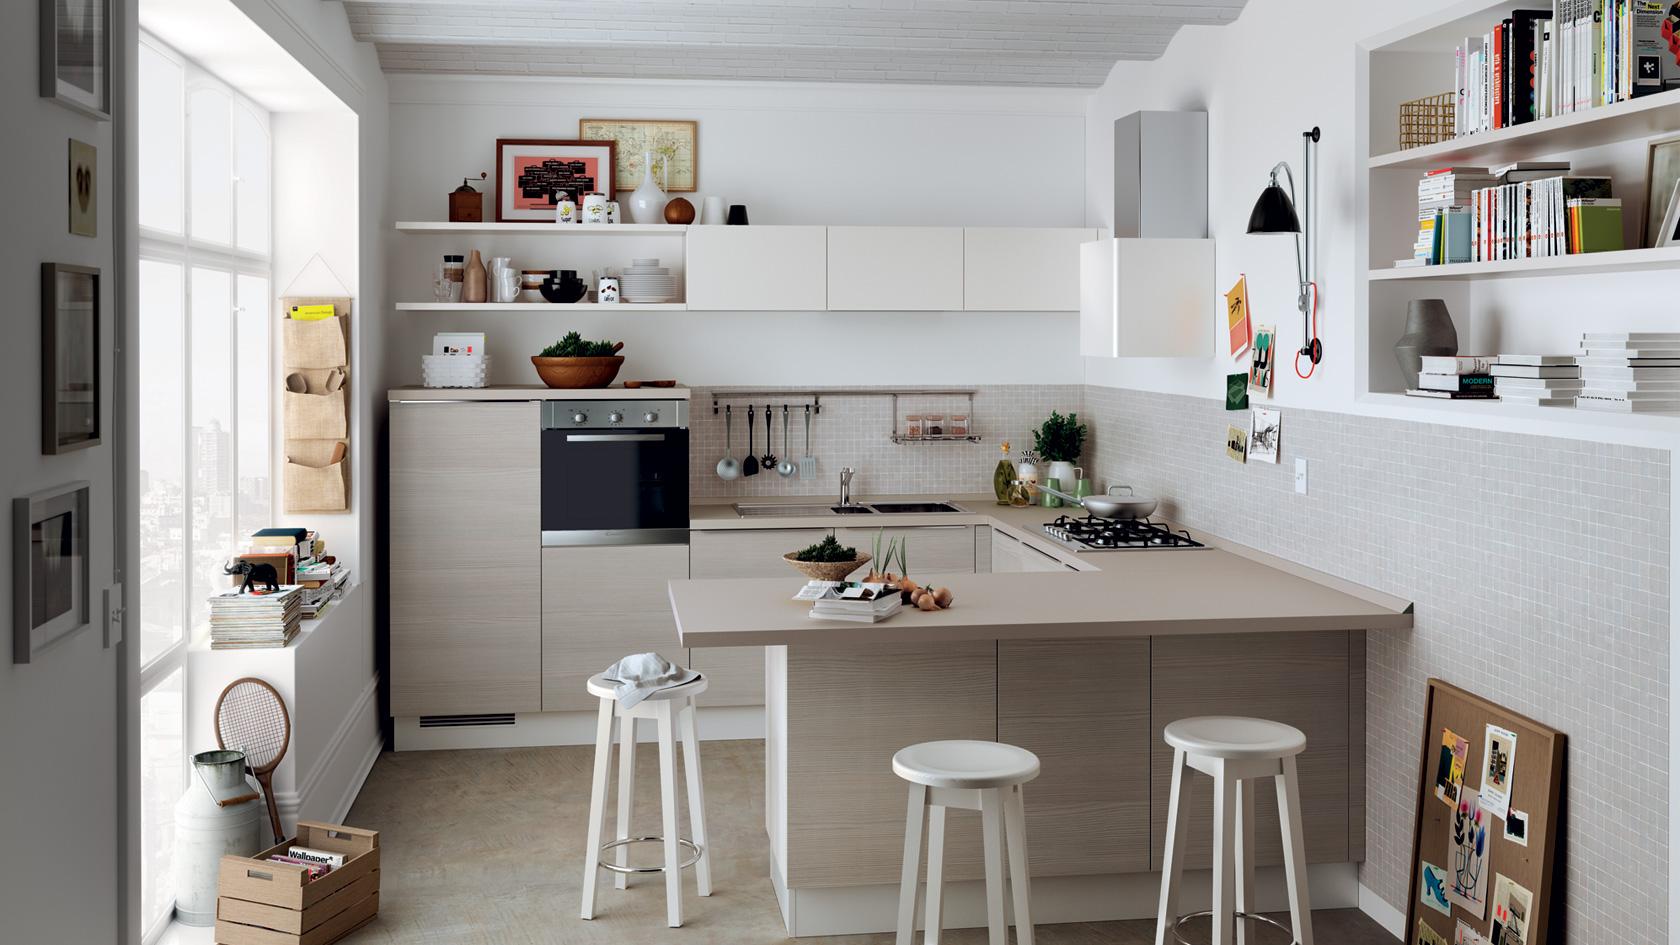 Cucine Scavolini 2015 open space